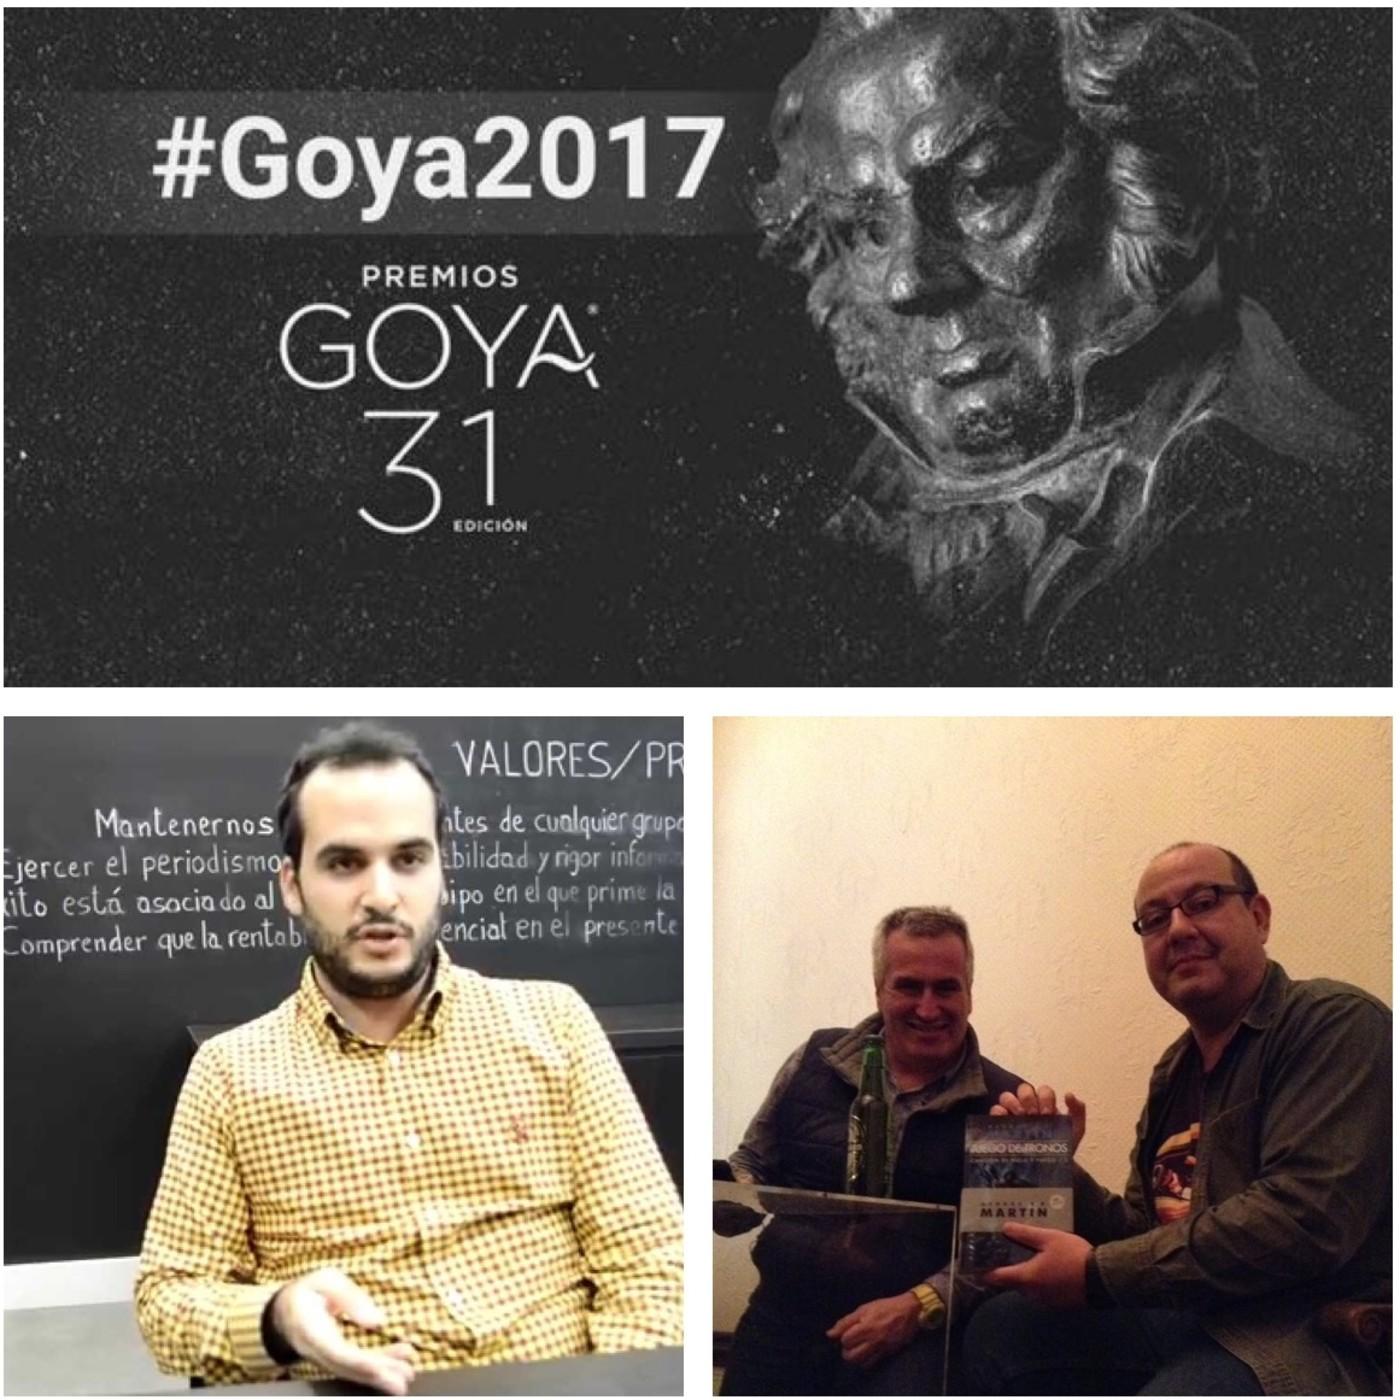 Previa de los Goya, coloquio Juego de Tronos y CineMasFood 2017